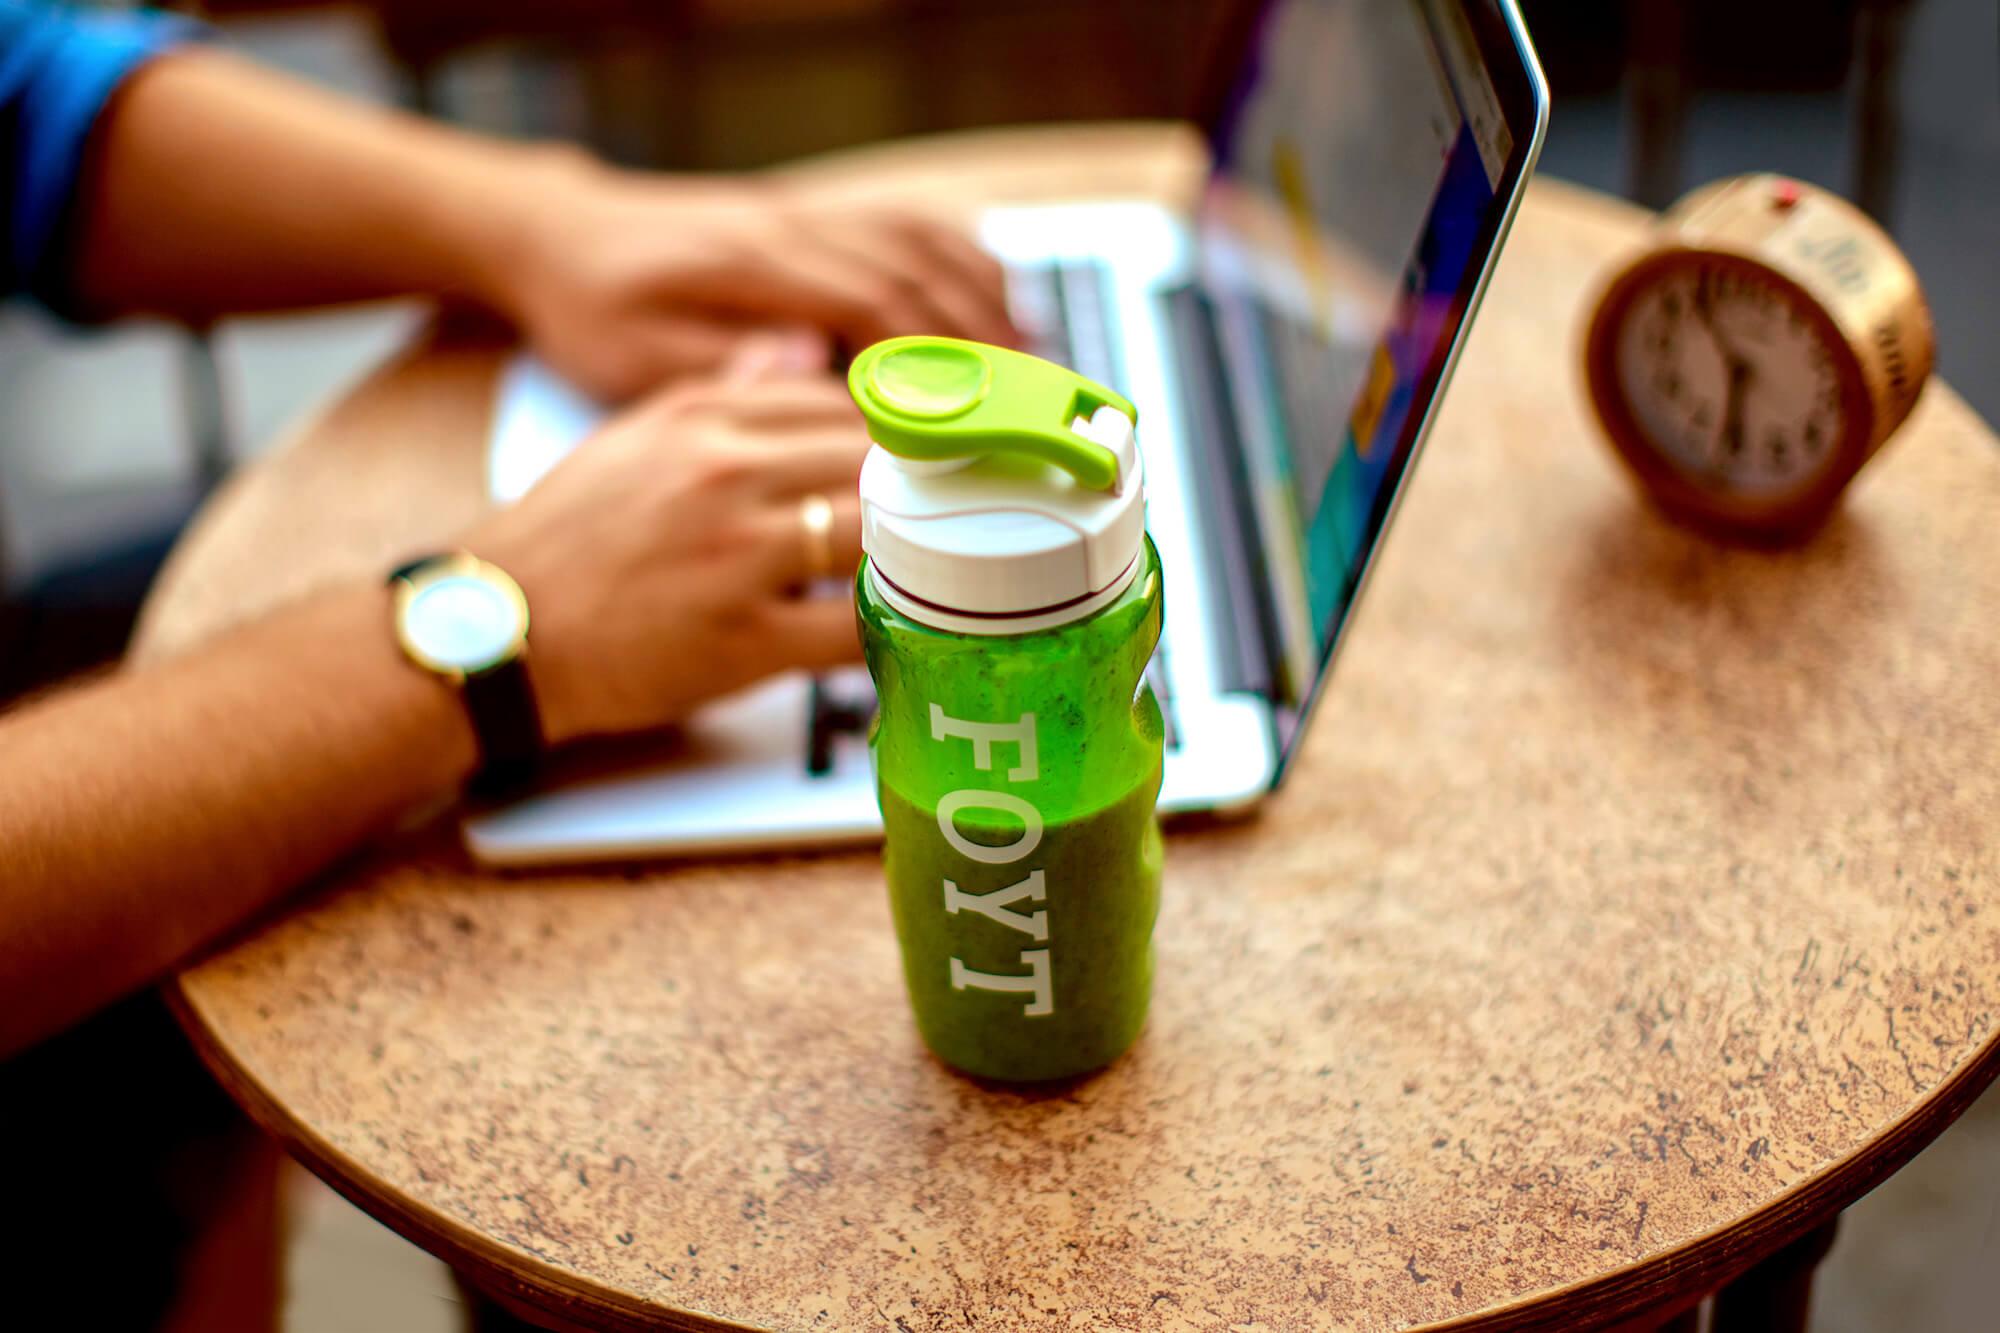 Коктейль для здорового питания — его делает стартап из акселератора Университета ИТМО